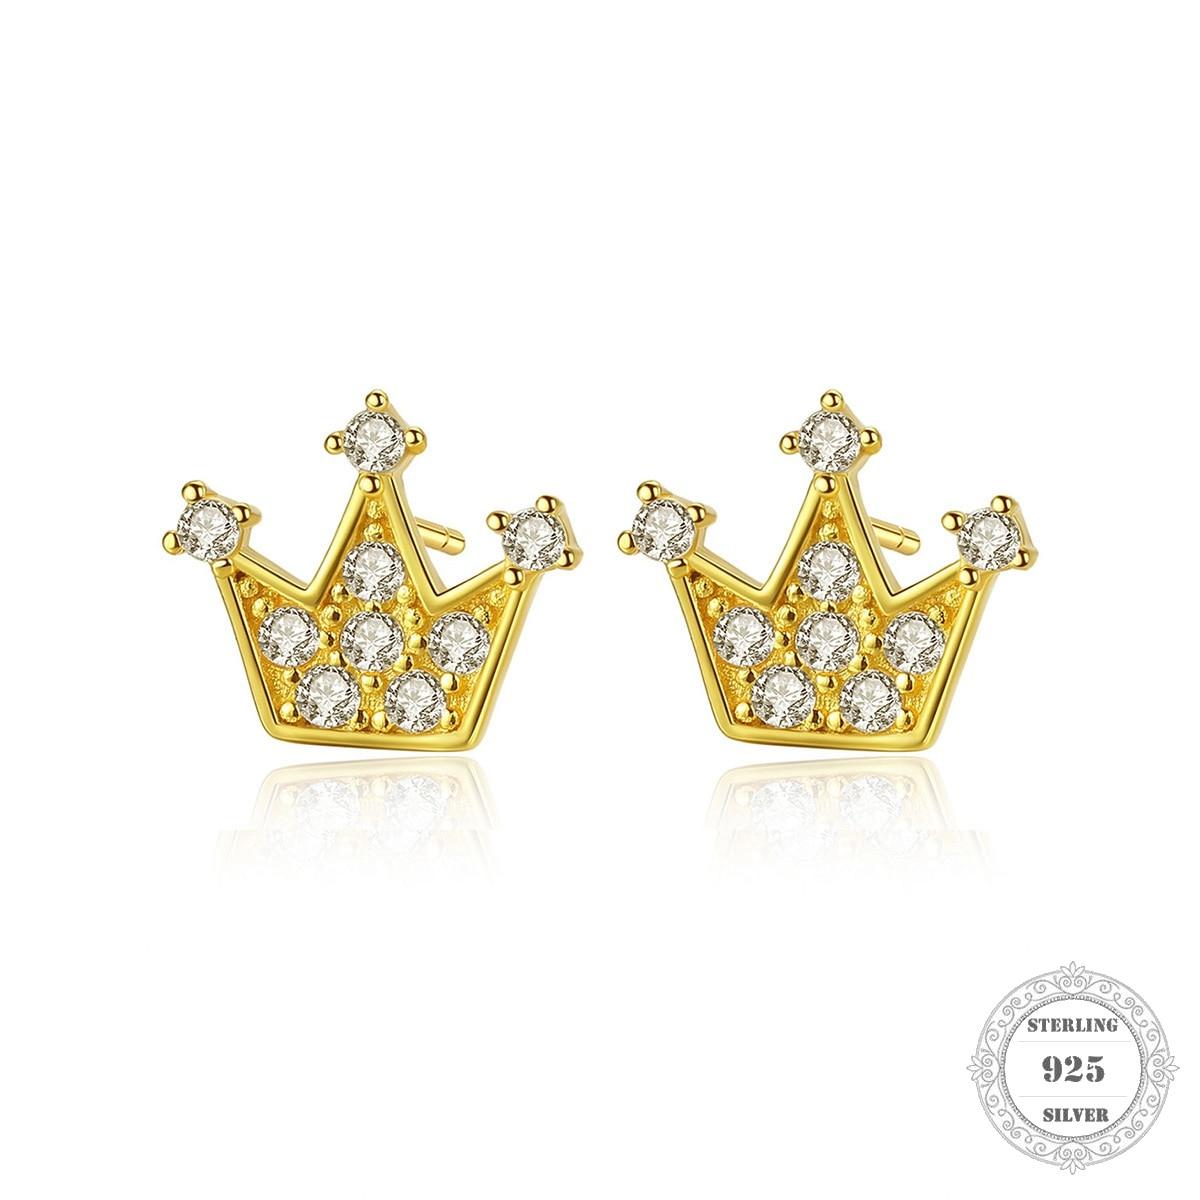 Pendientes de tuerca corona, estilo Thomas Glam joyería buena de moda para las mujeres, regalo 2020Ts en plata de ley 925, superoferta